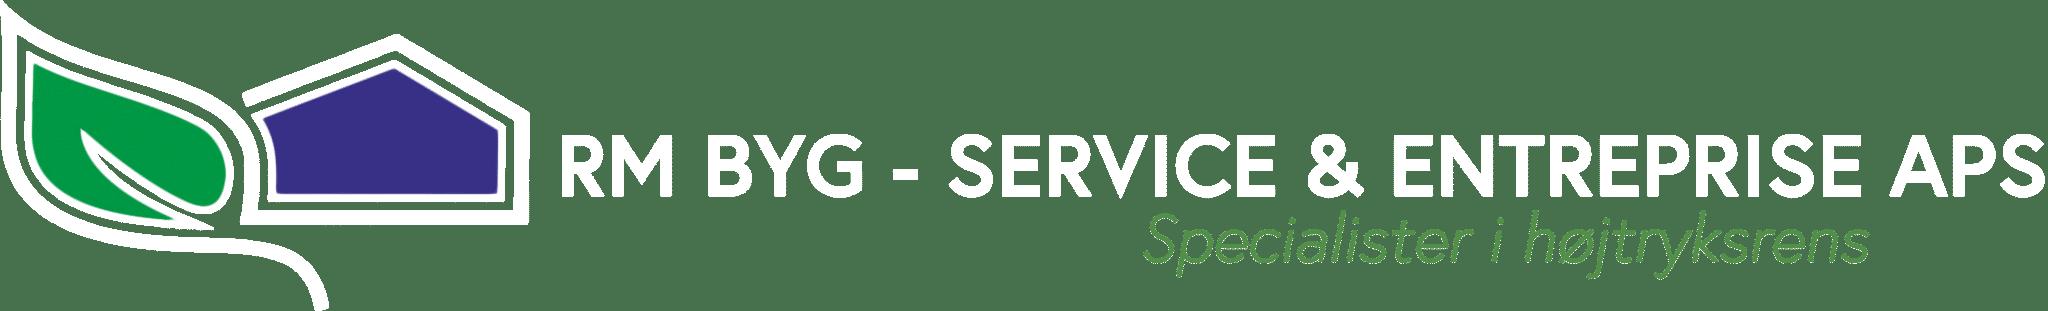 RM BYG - SERVICE OG ENTREPRISE ApS